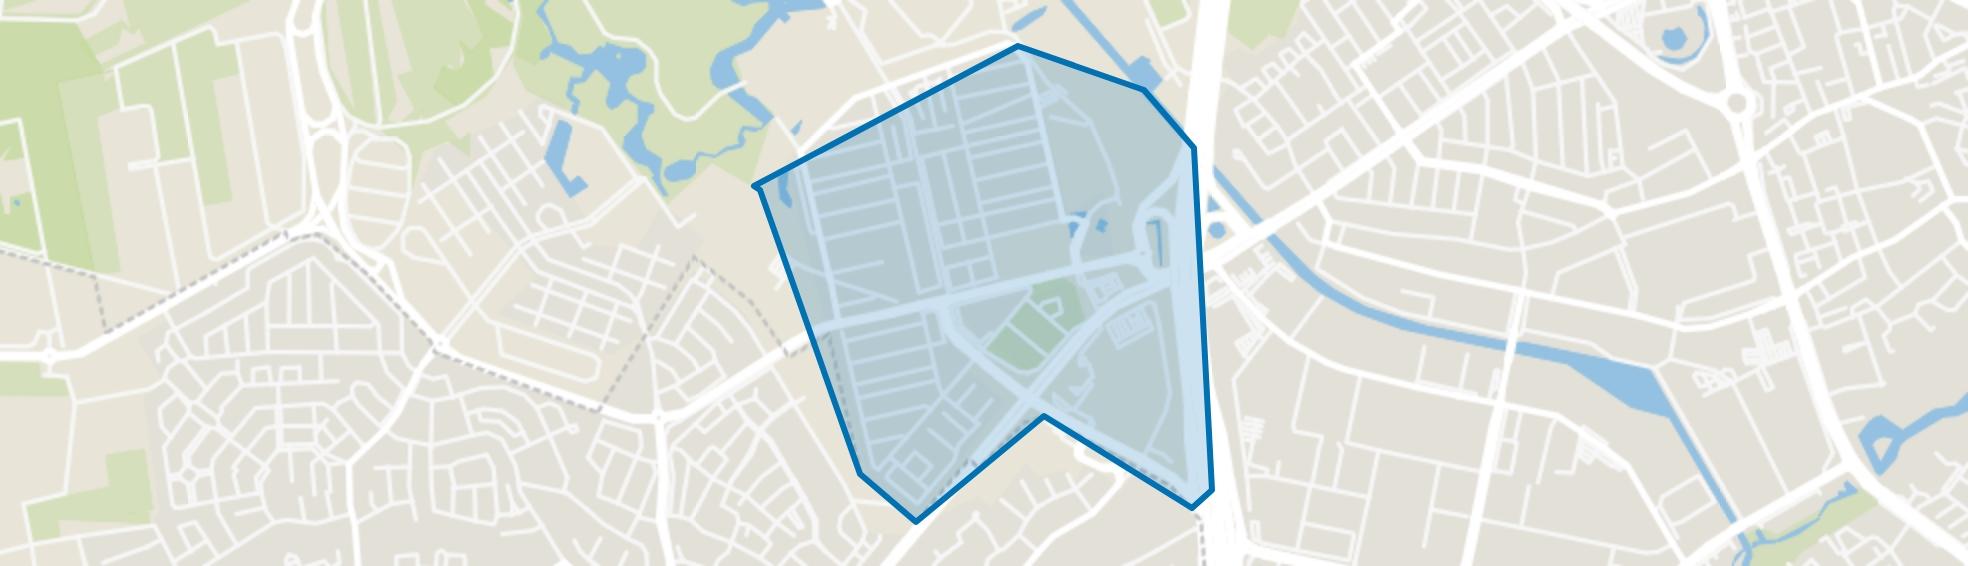 Grasrijk, Eindhoven map